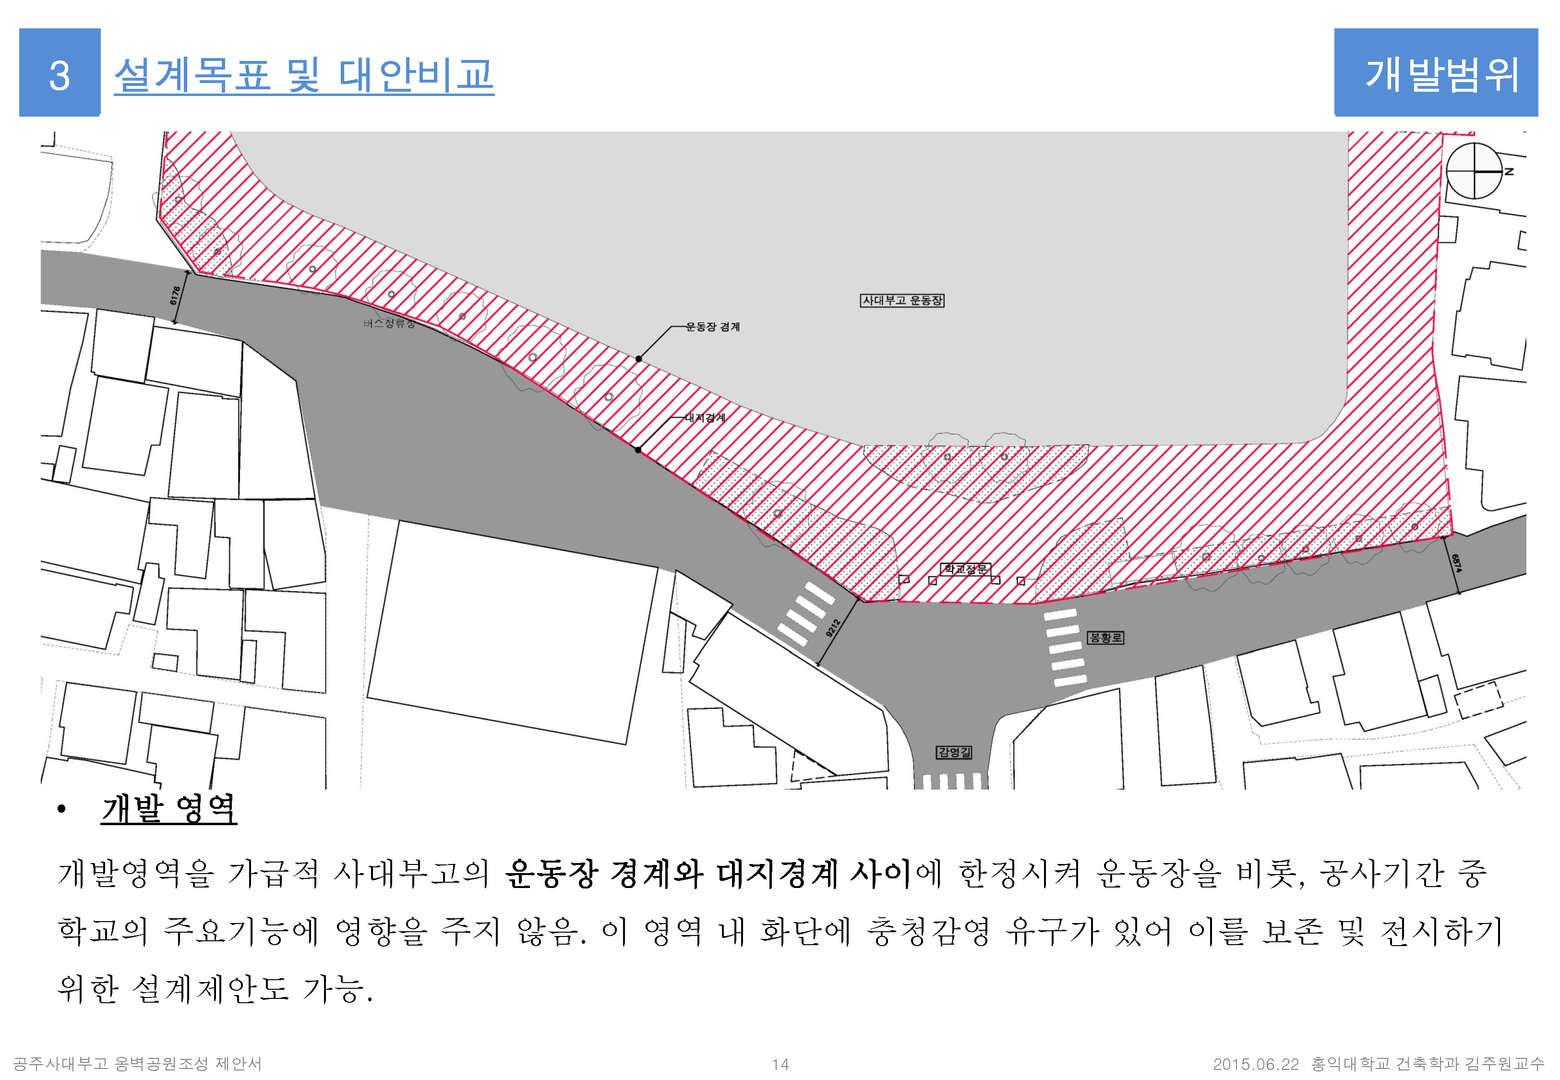 공주사대부고옹벽공원조성제안서4_페이지_14.jpg